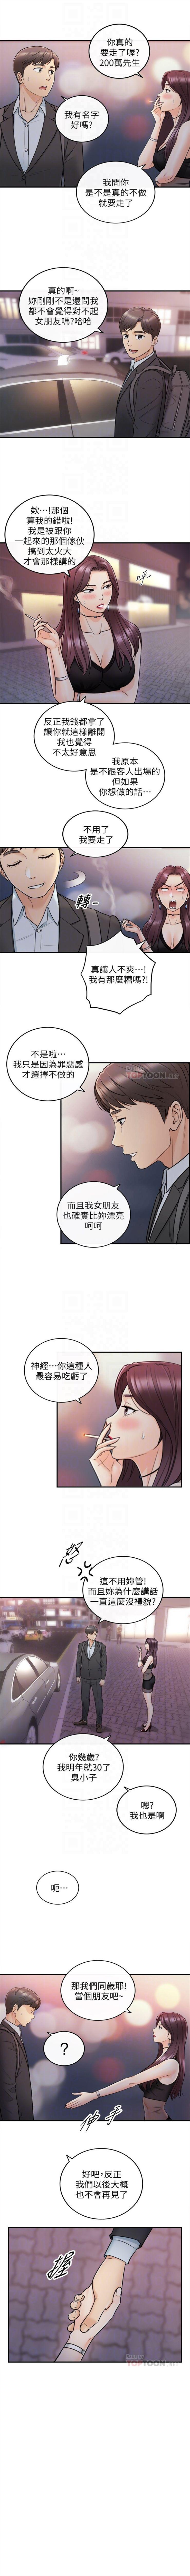 (周5)正妹小主管 1-26 中文翻译(更新中) 117